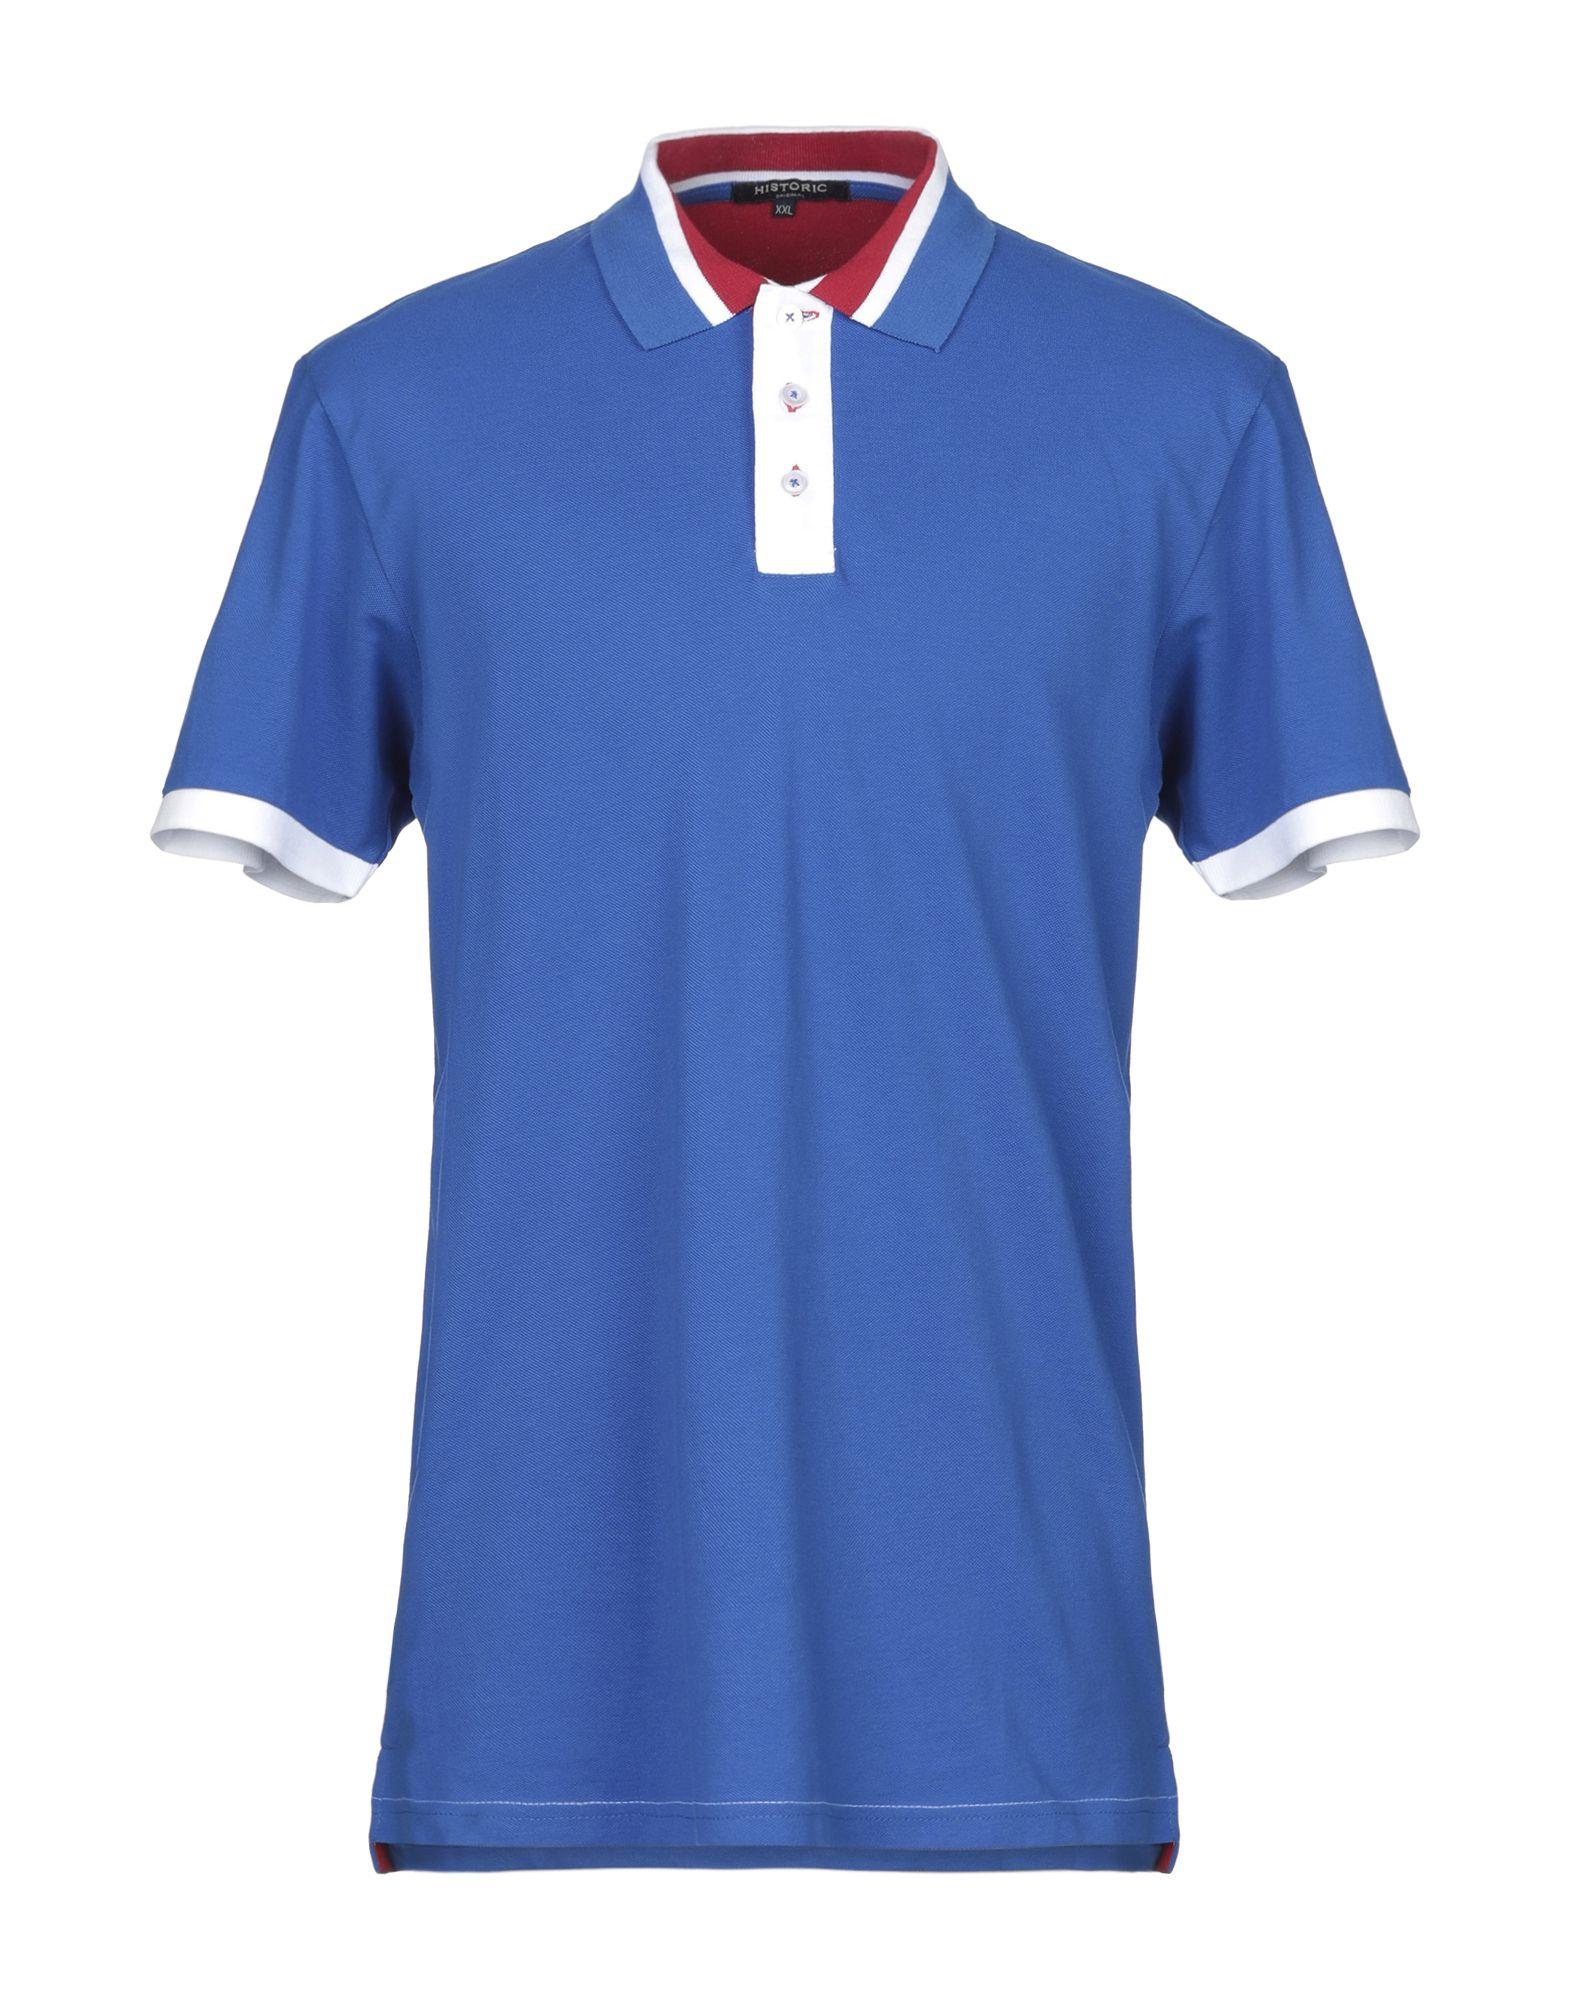 HISTORIC Поло historic футболка